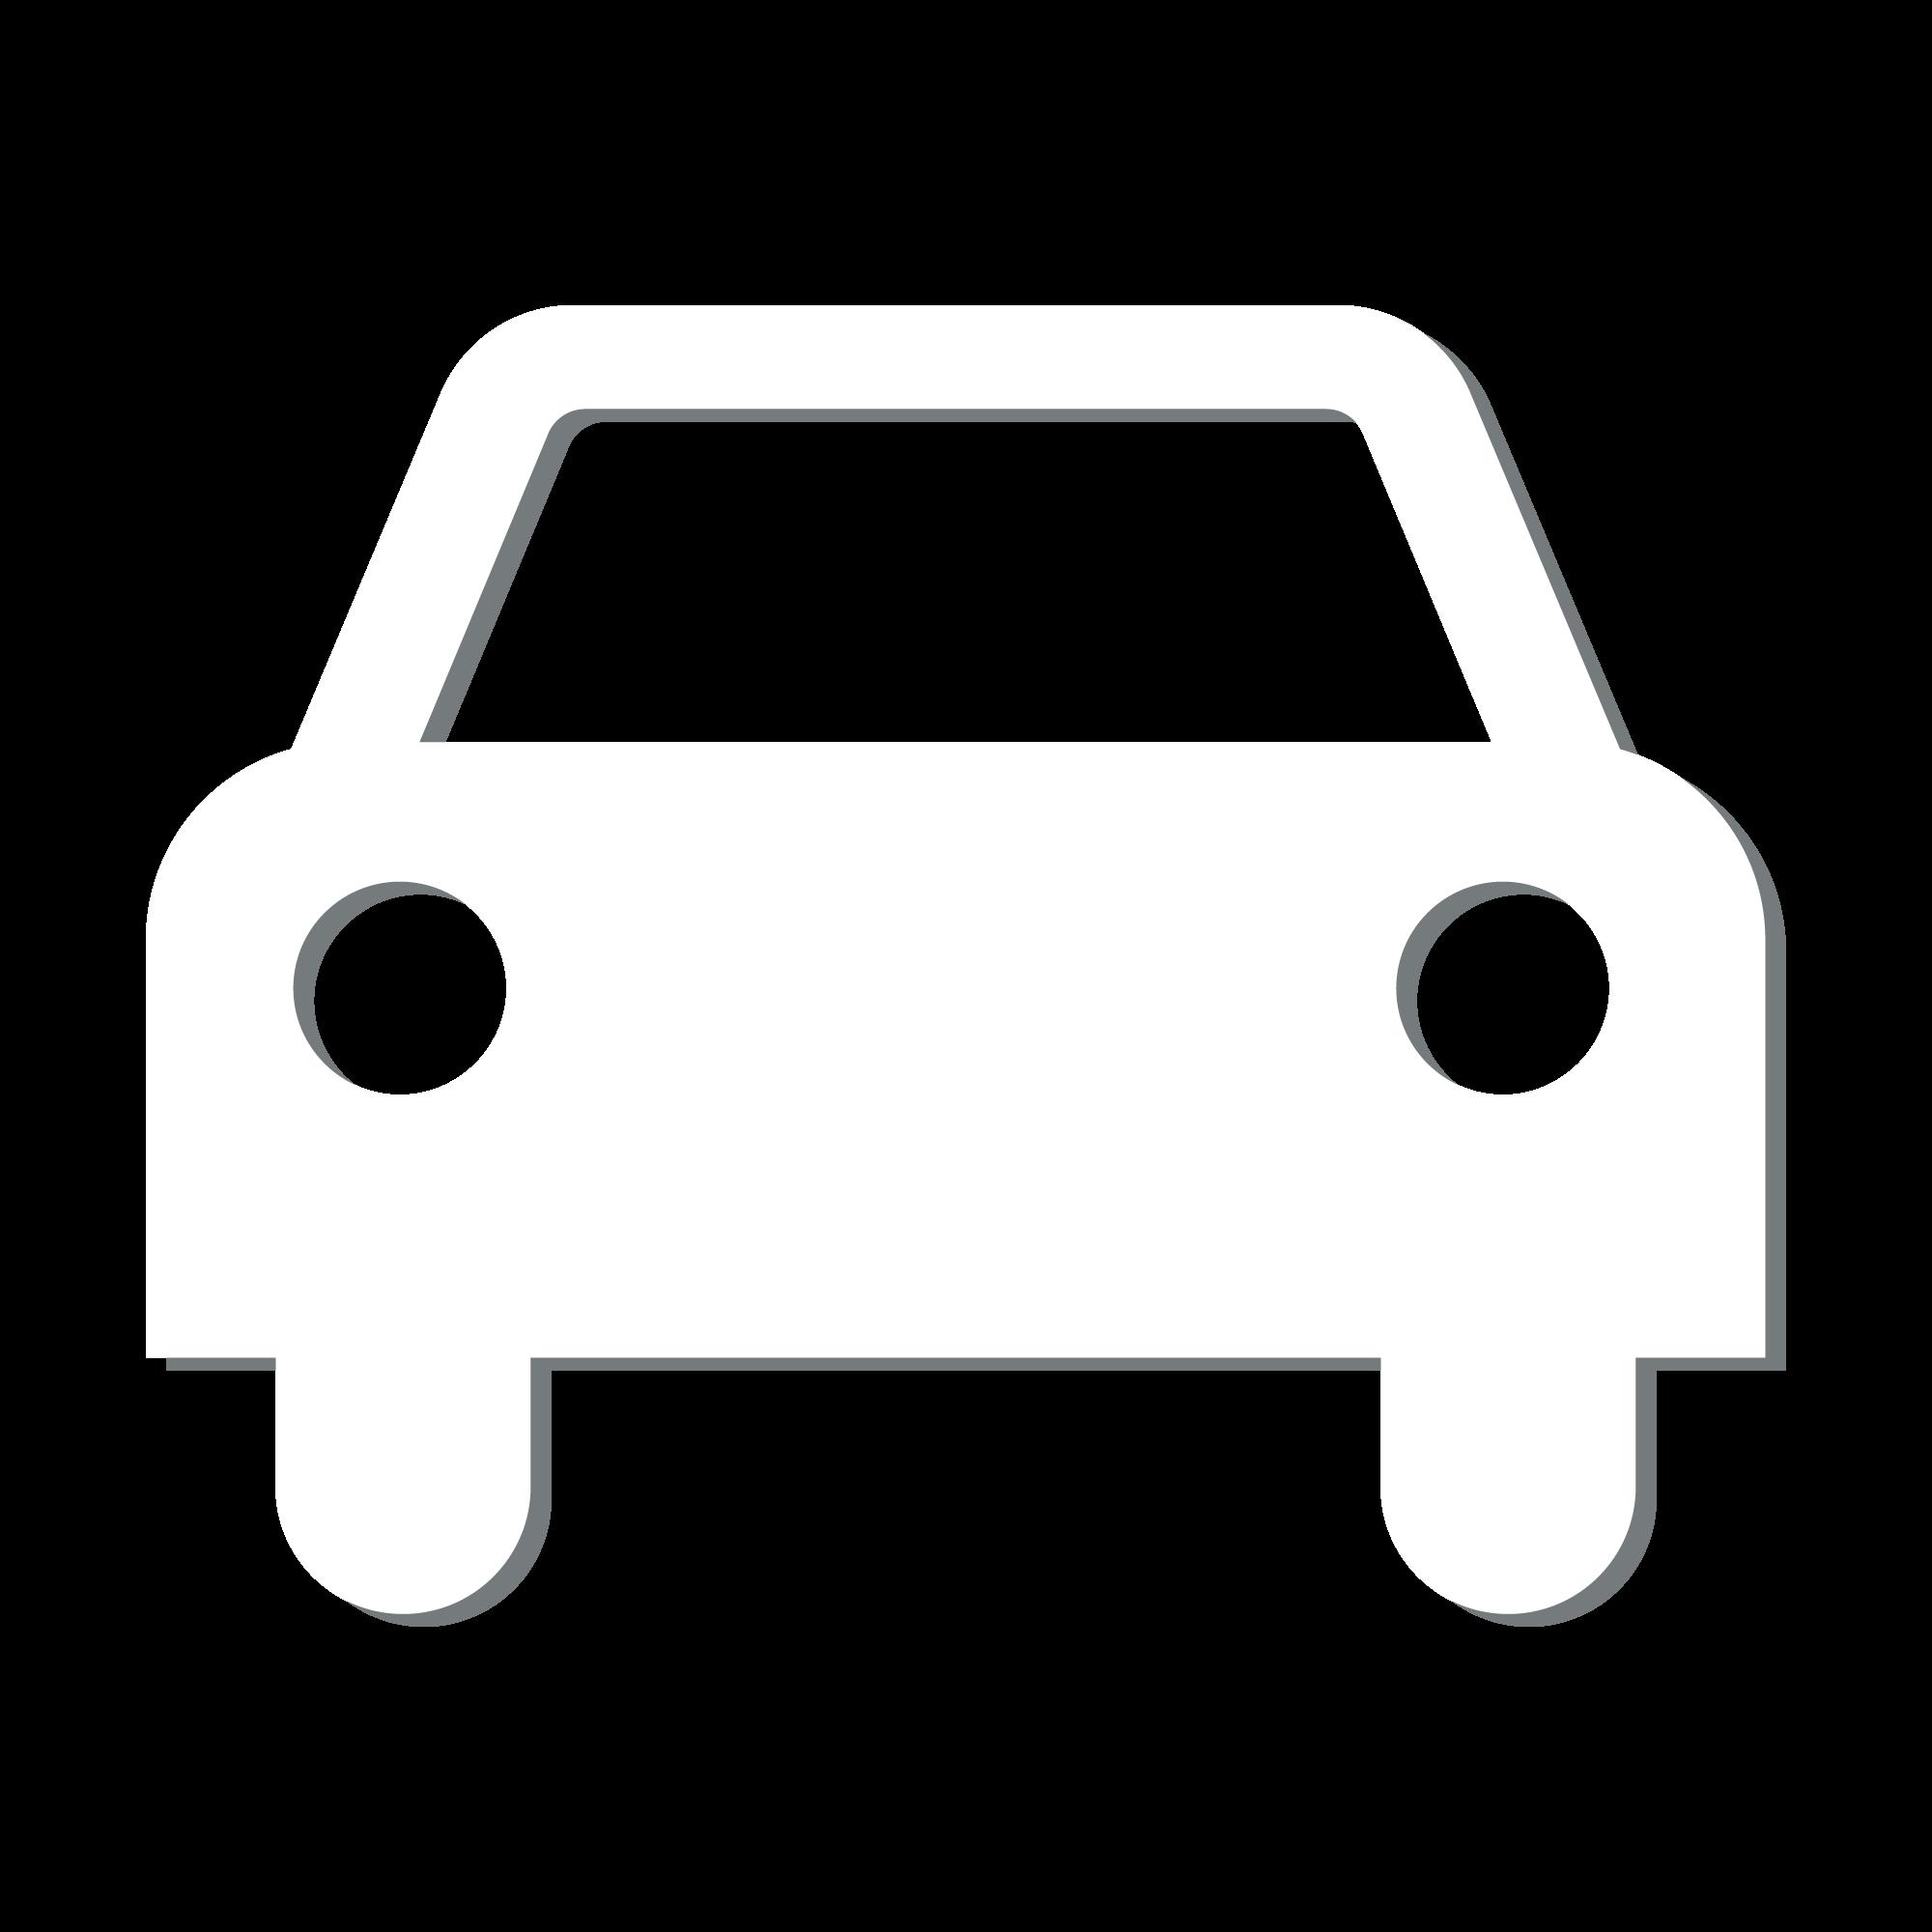 Αυτοκίνητο Άσπρο Σχολή Οδηγών Odigisi